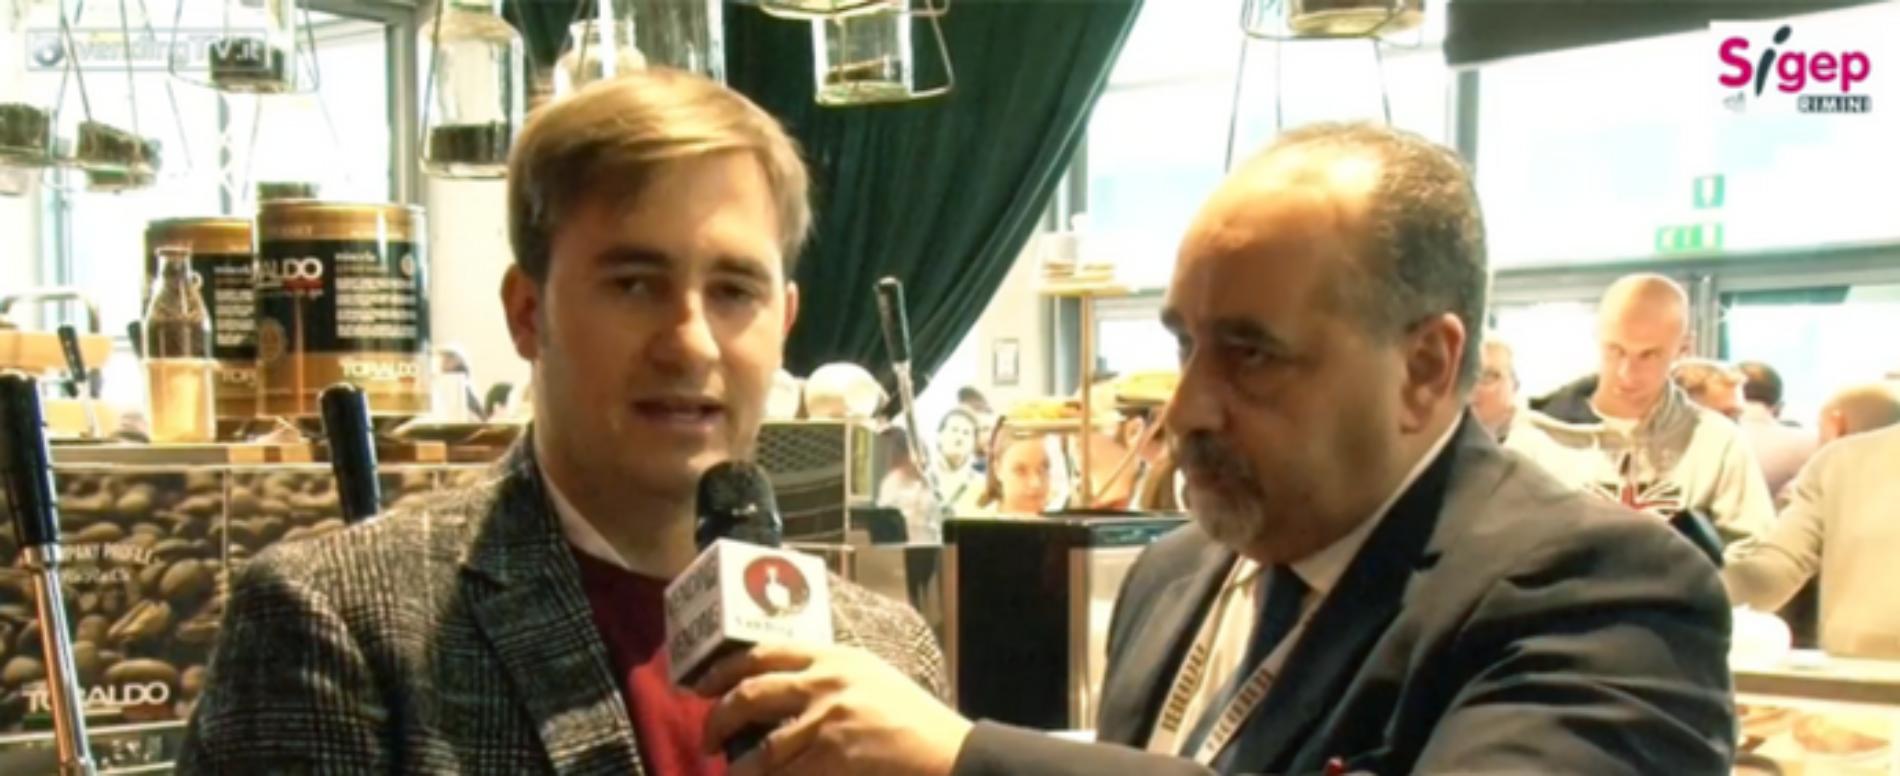 SIGEP 2017 – Intervista con M. Simonetti di Caffè Toraldo